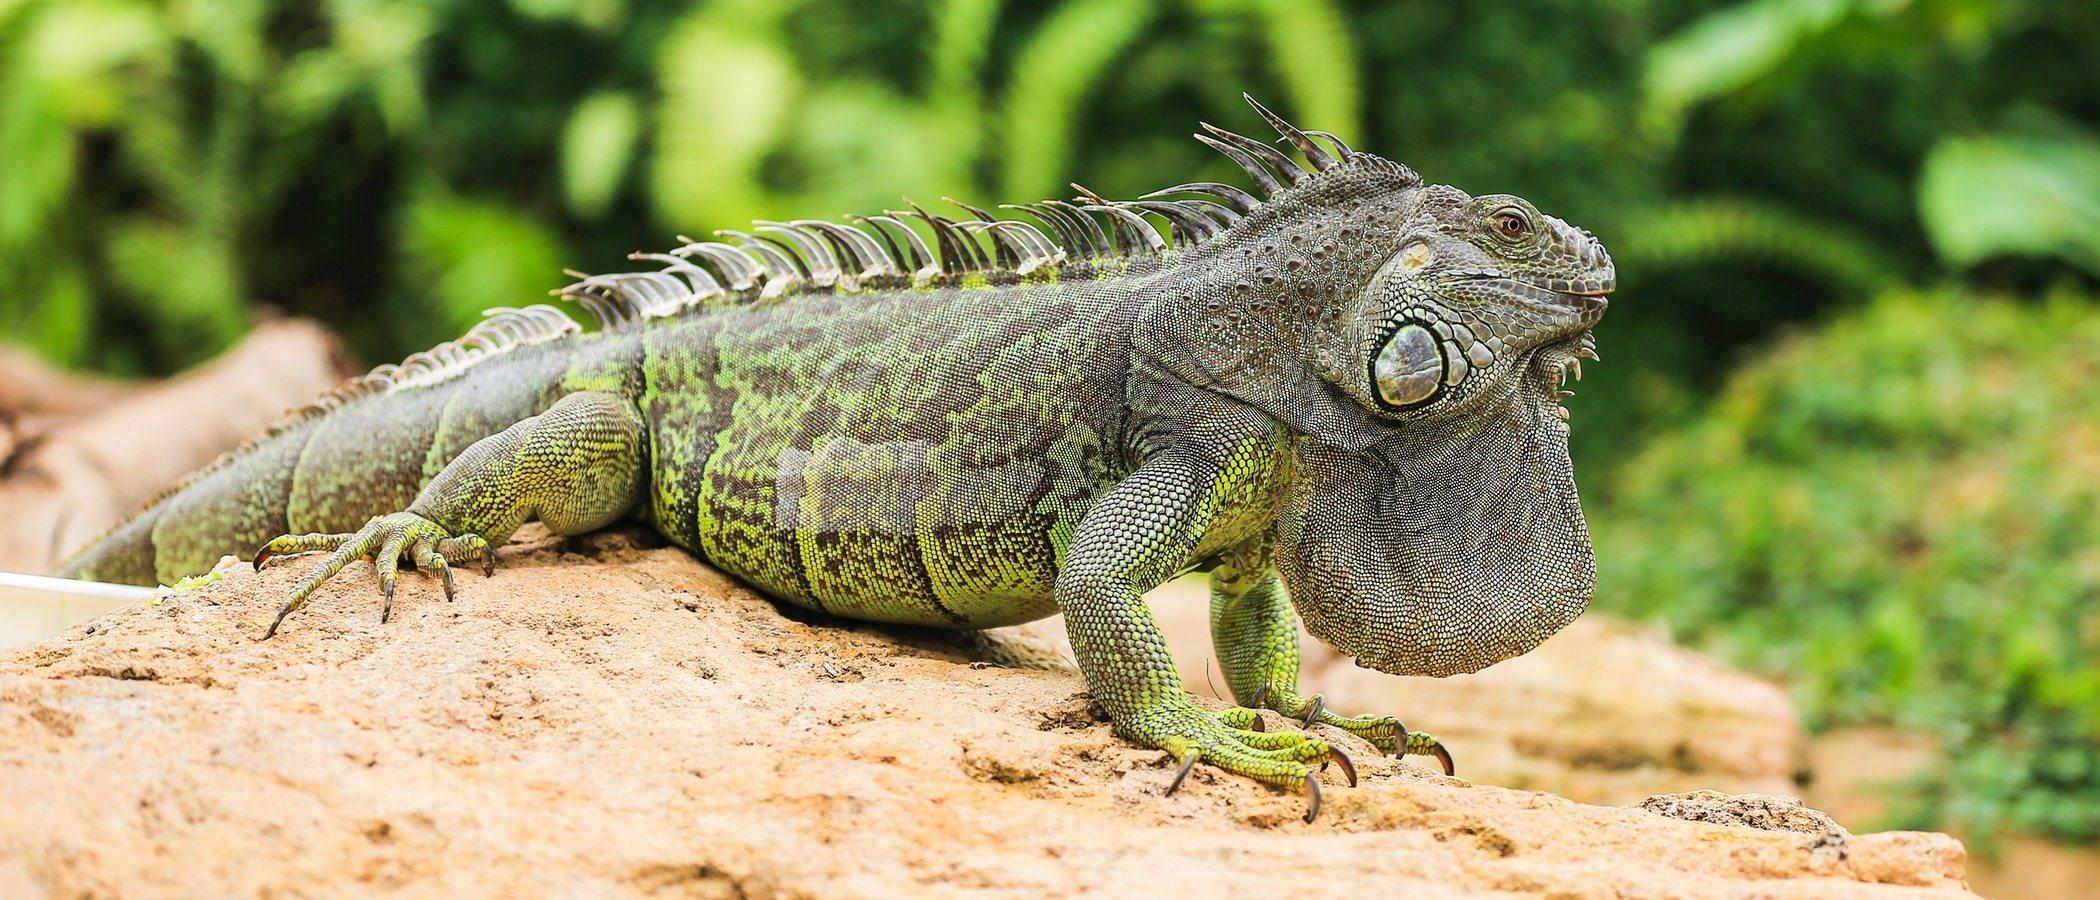 Tipos de iguanas que se pueden tener como mascota